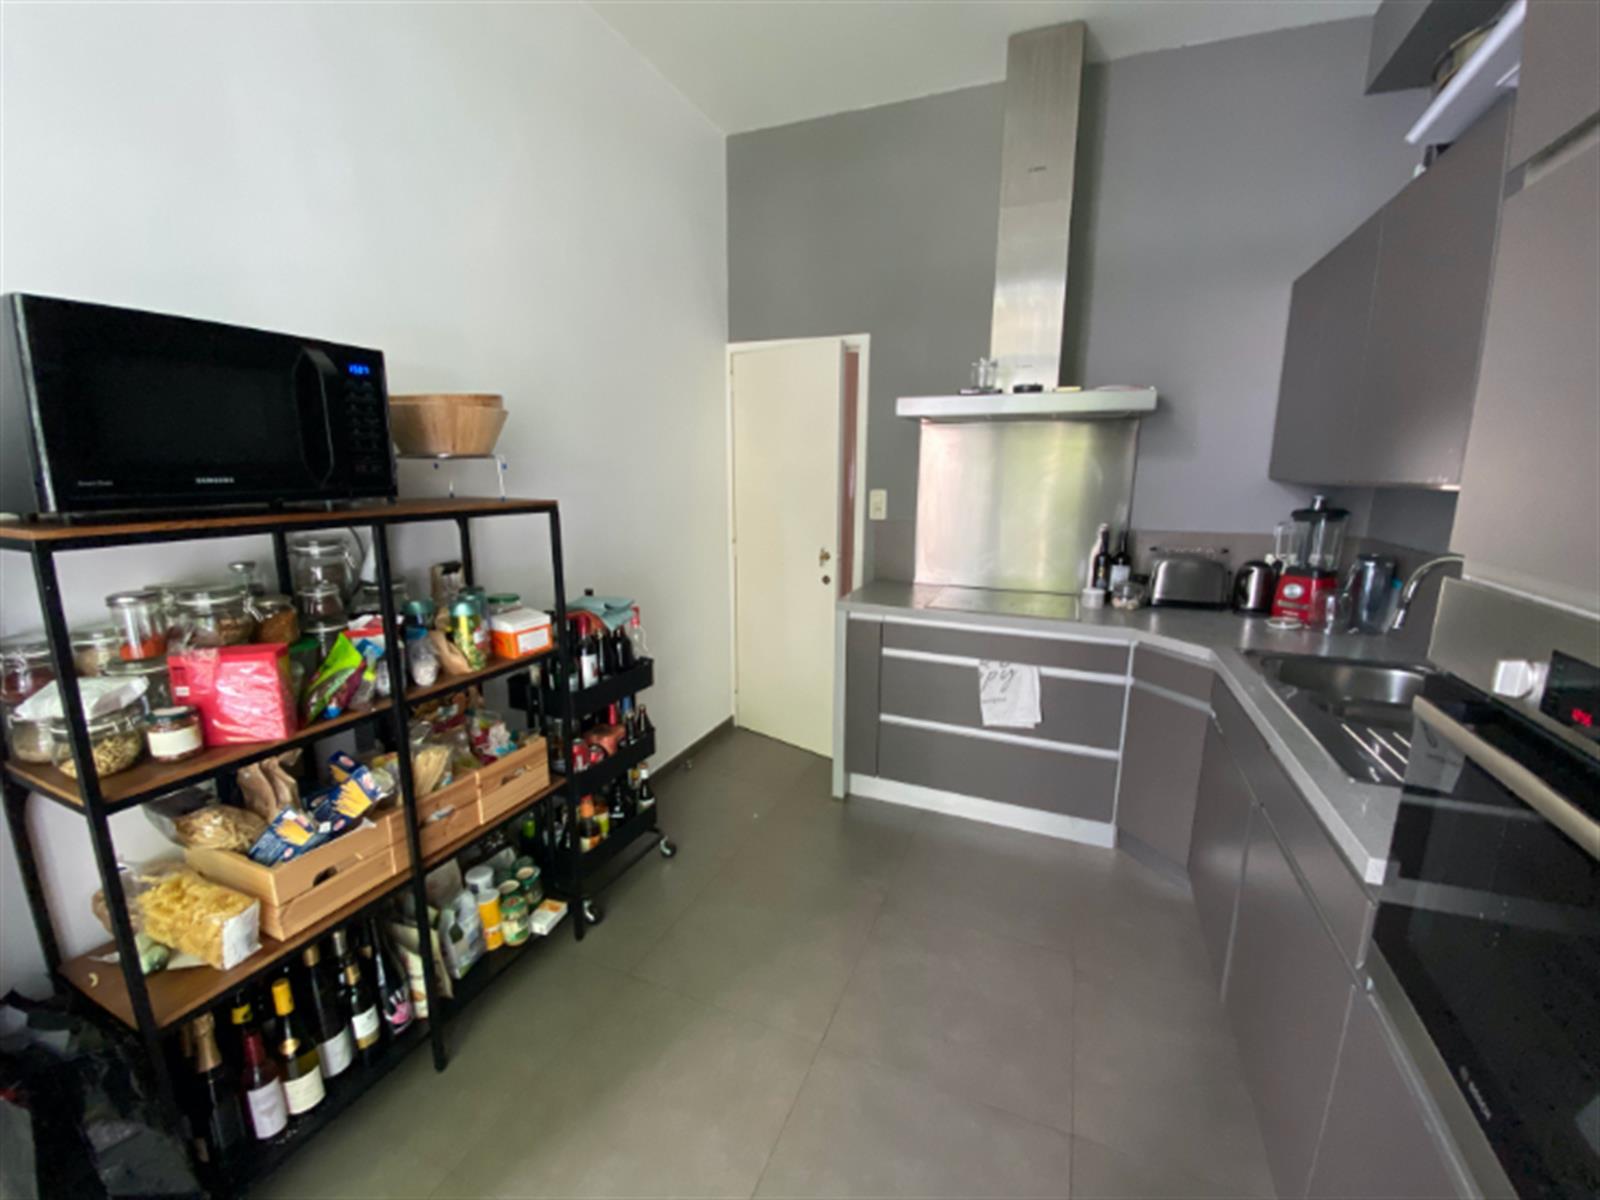 Flat - Ixelles - #4183068-5